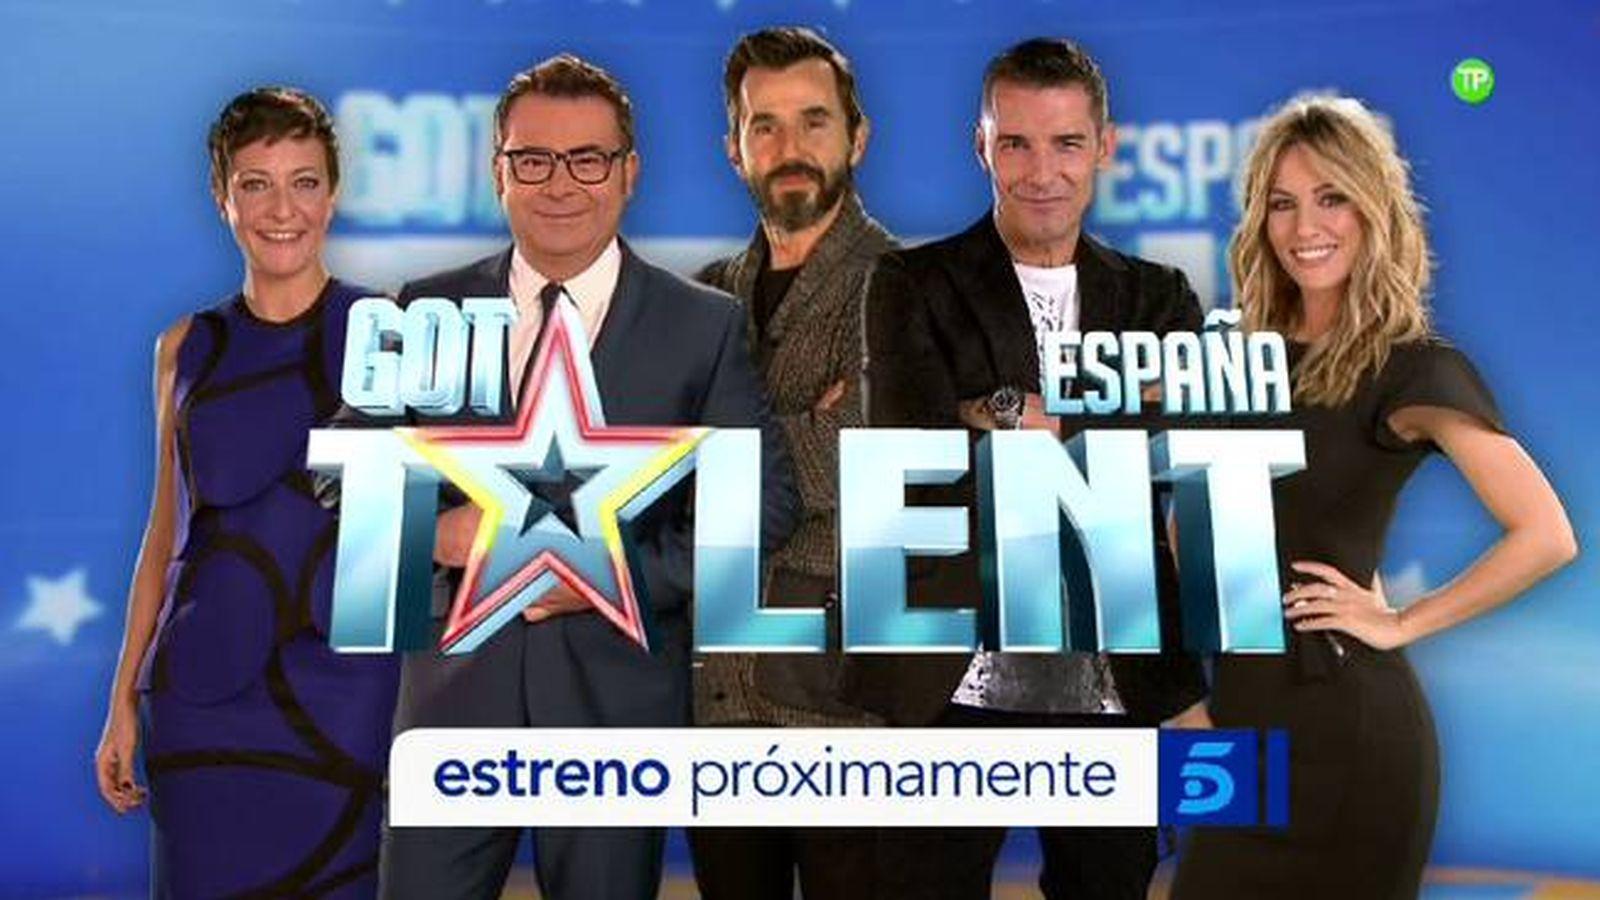 Foto: Santi Millán junto al jurado de 'Got Talent España'